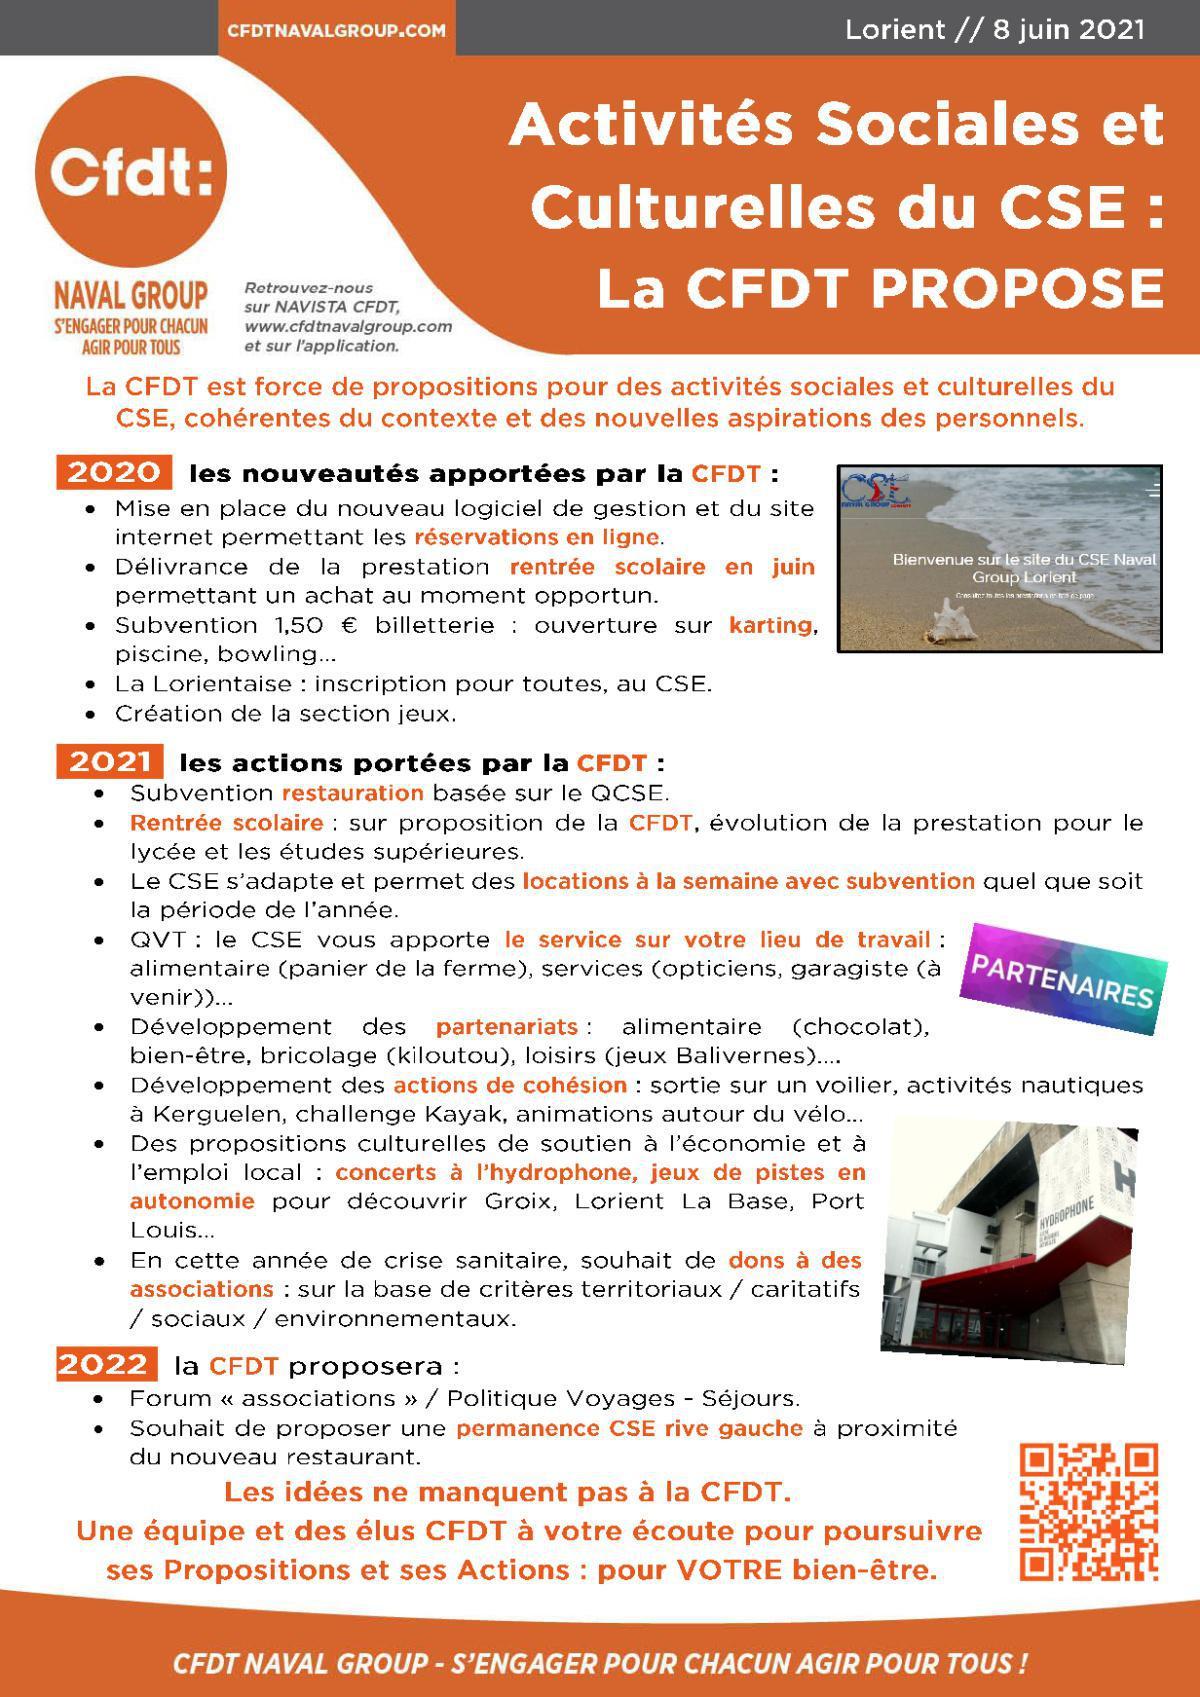 ASC du CSE : la CFDT propose